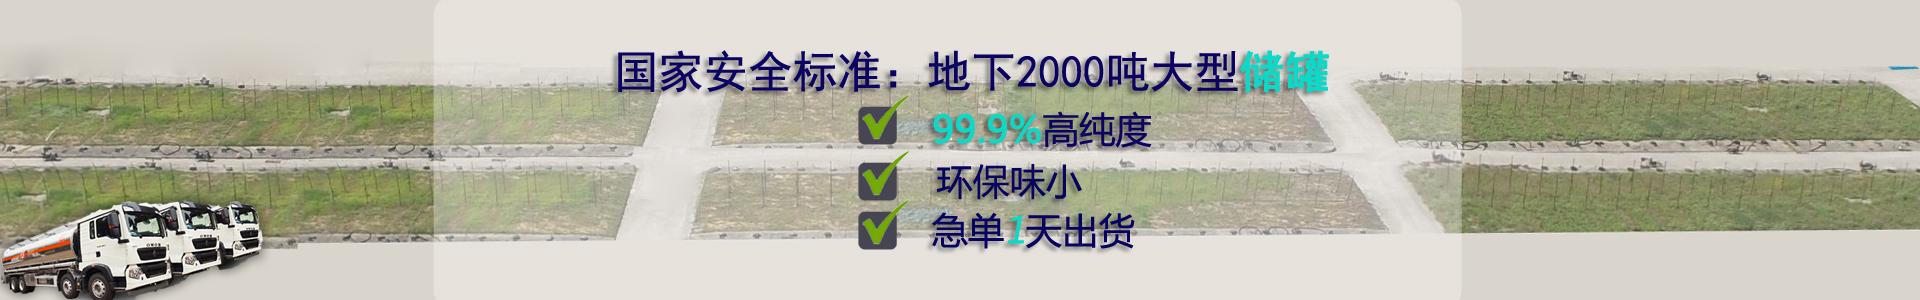 国家安全标准,地下2000吨大型储灌